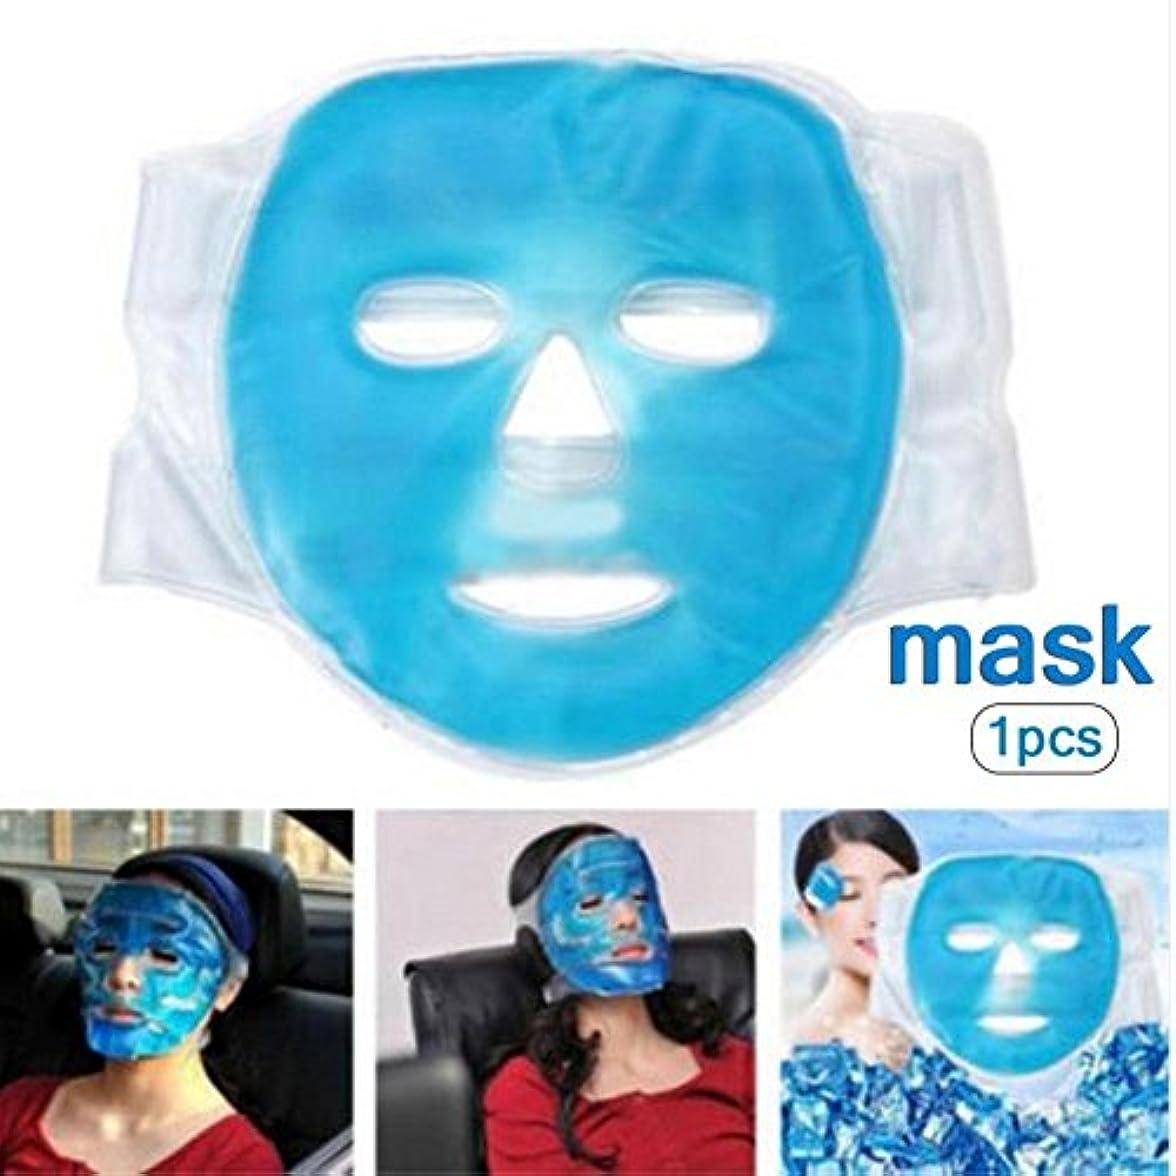 マニア顔料足SILUN フェイスマスク 冷温兼用 美容用 再利用可能 毛細血管収縮 肌ケア 保湿 吸収しやすい 美容マッサージ アイスマスク